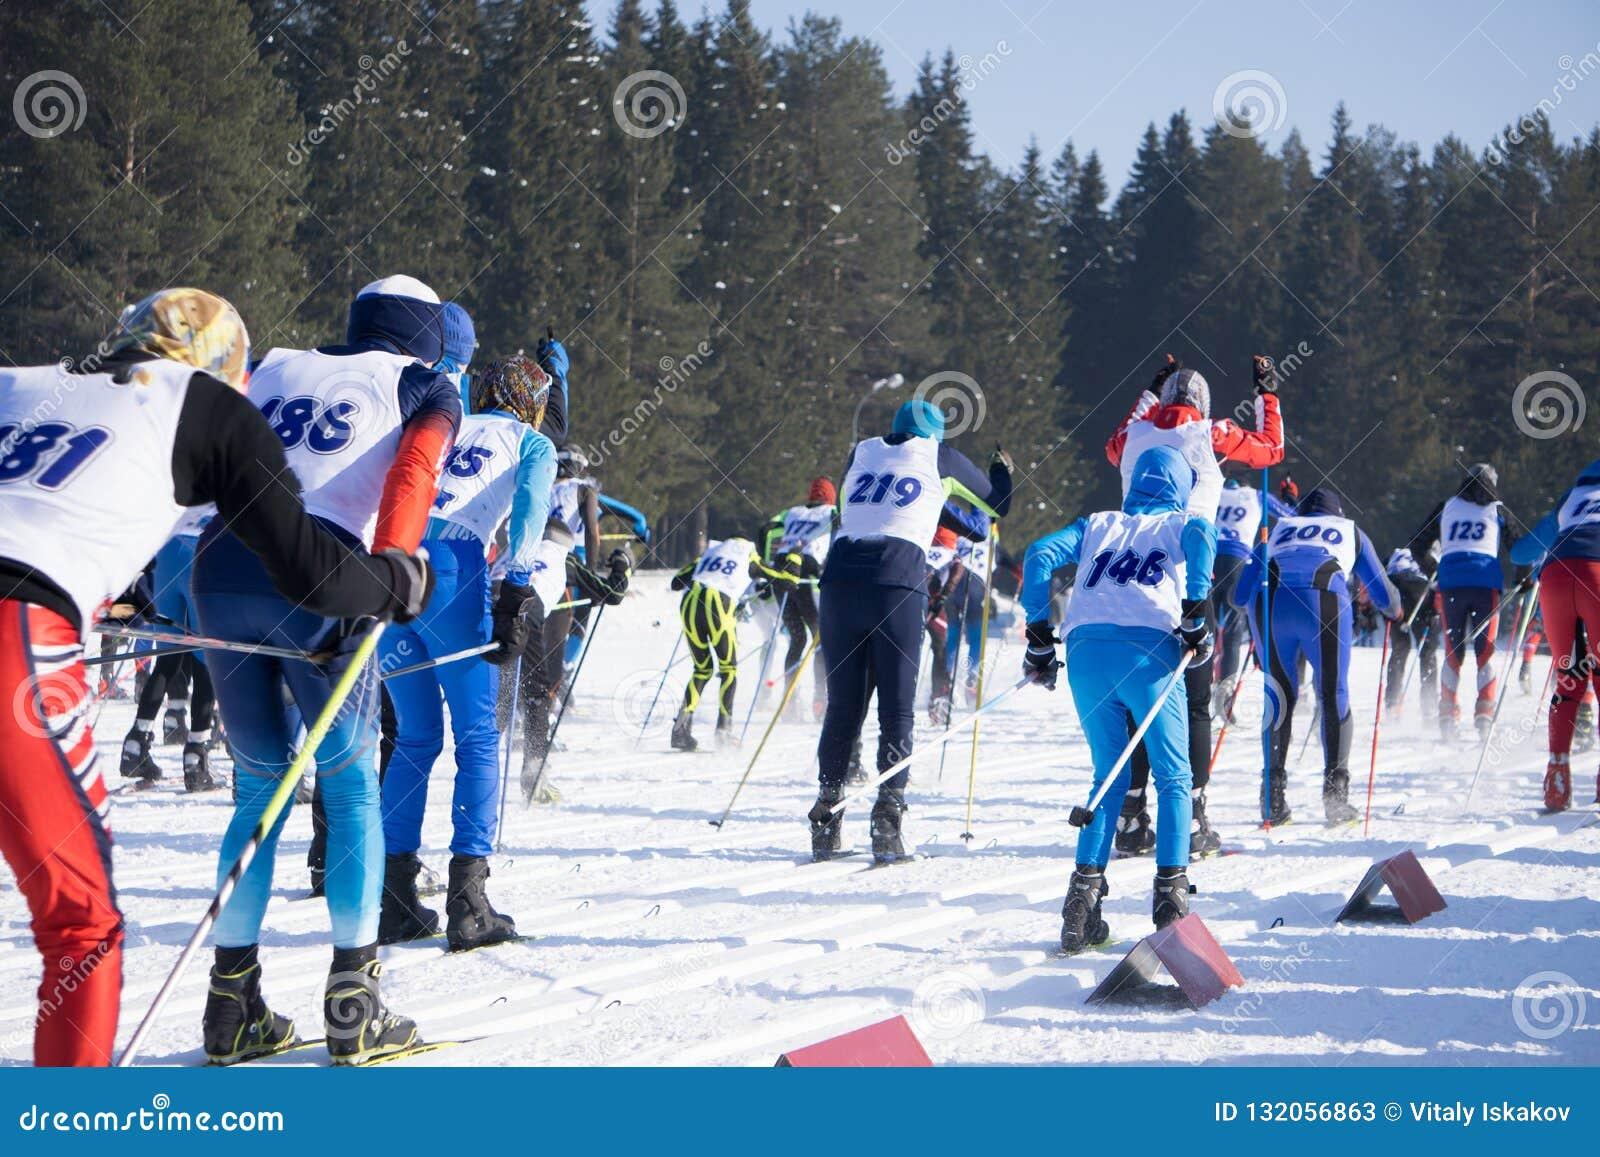 Große Gruppe Skifahrer auf Ski neigt sich in einen Höhenkurort im Winter